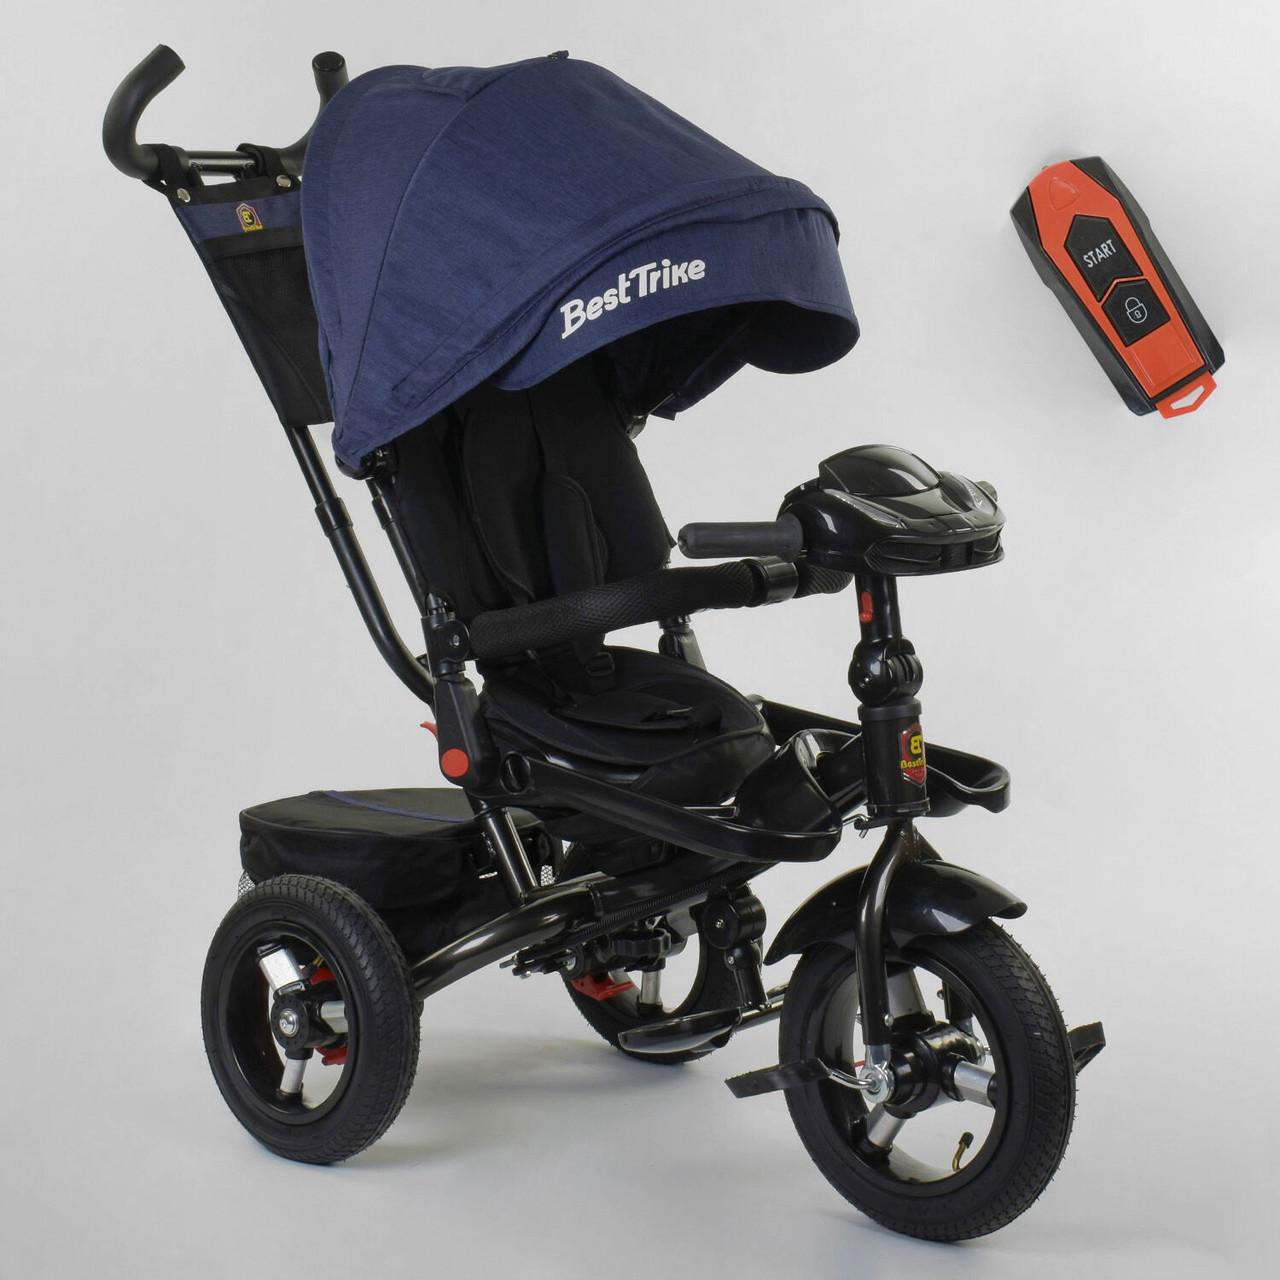 Трехколесный велосипед Детский синий велосипед для мальчика от 10 мес до 5 лет Велосипед с надувными колесами